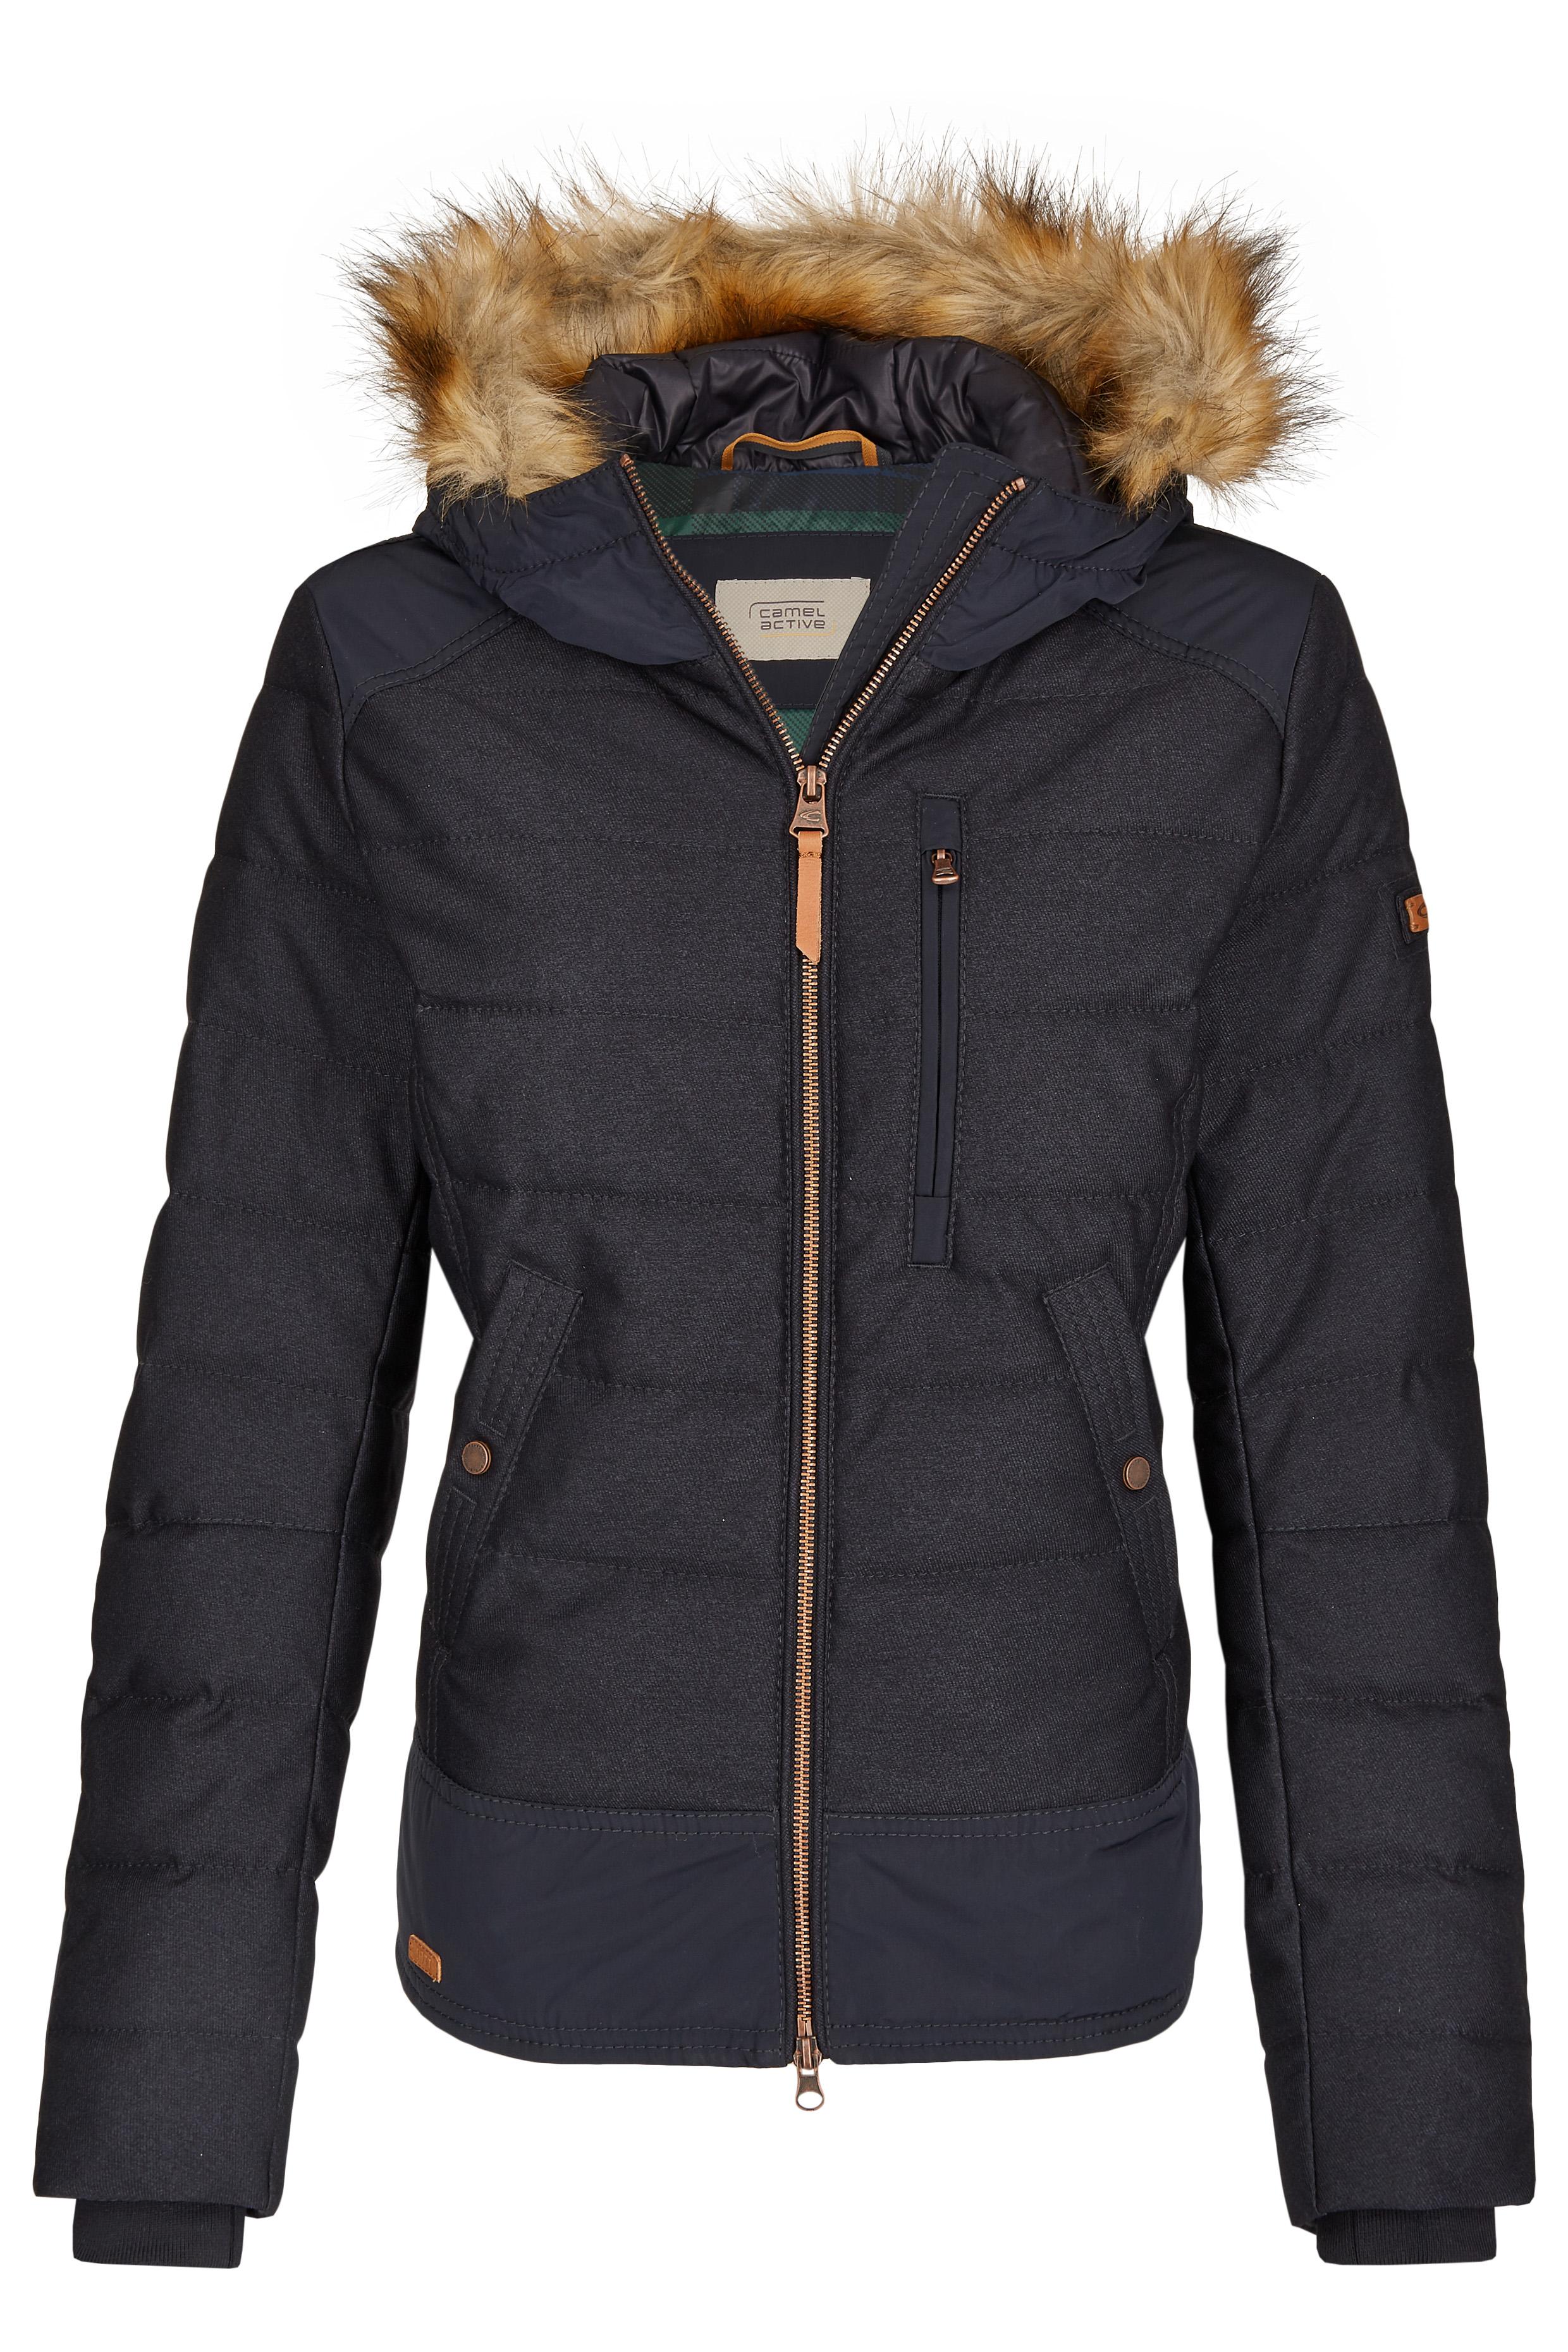 Camel Active Womens Blouson Jacket in Wool Look Winter Jacket Blue 330830 8+04 40 NEW | eBay